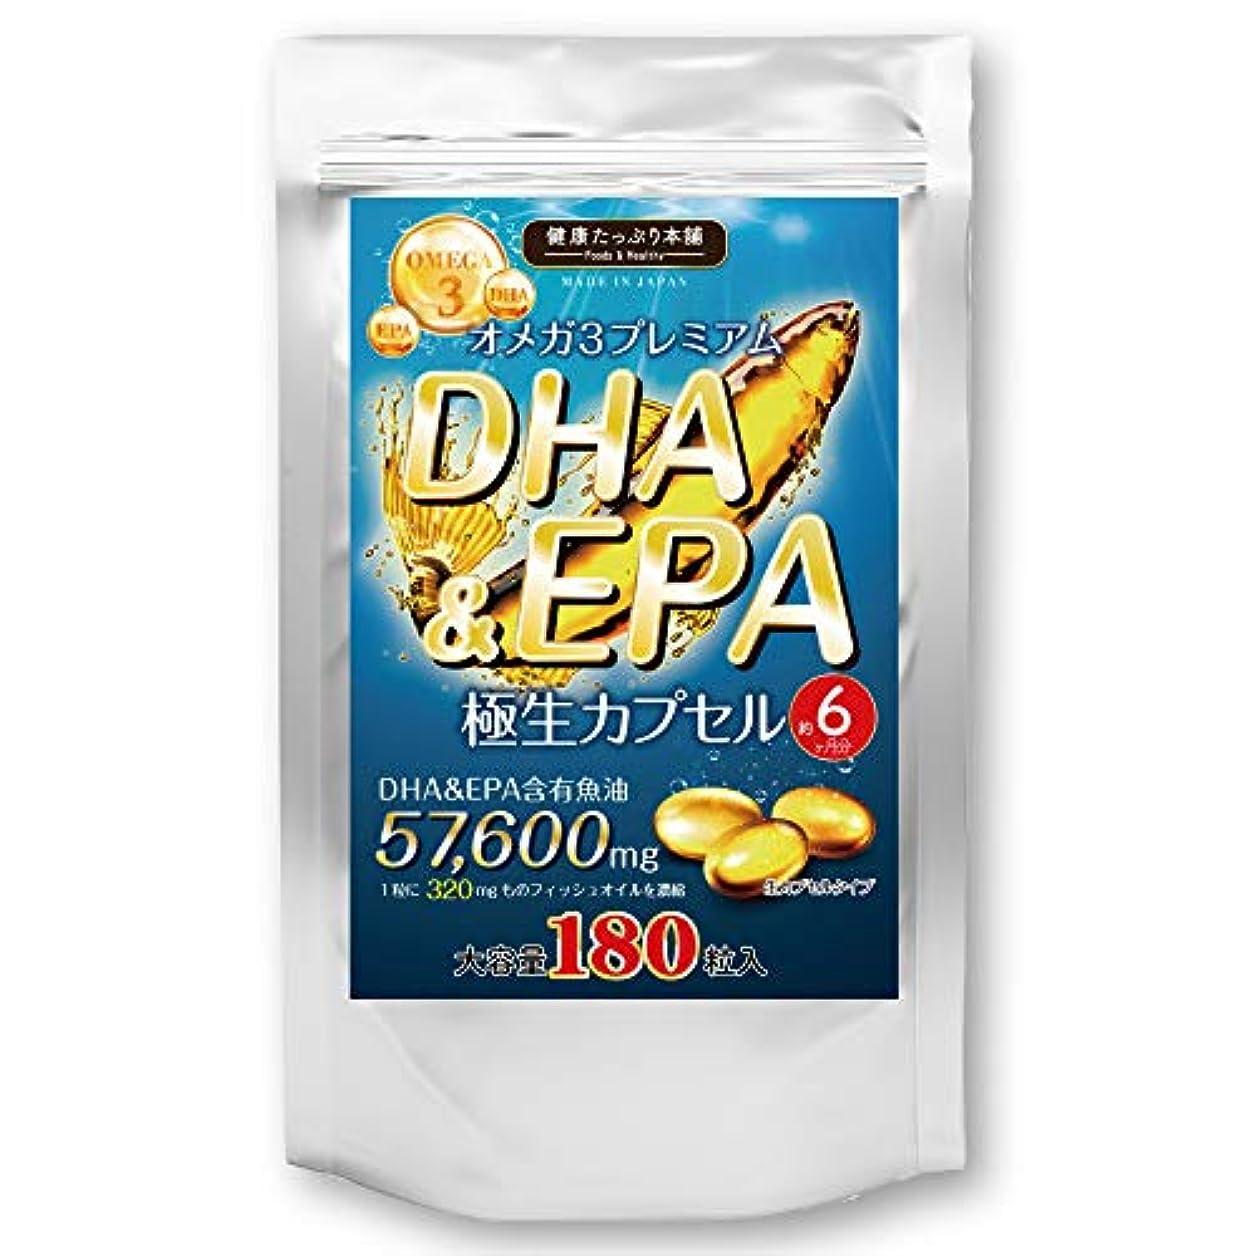 汗外交問題異なるオメガ3プレミアム DHA&EPA 極生ソフトカプセル 大容量約6ヶ月分/180粒(DHA含有魚油?EPA含有魚油)